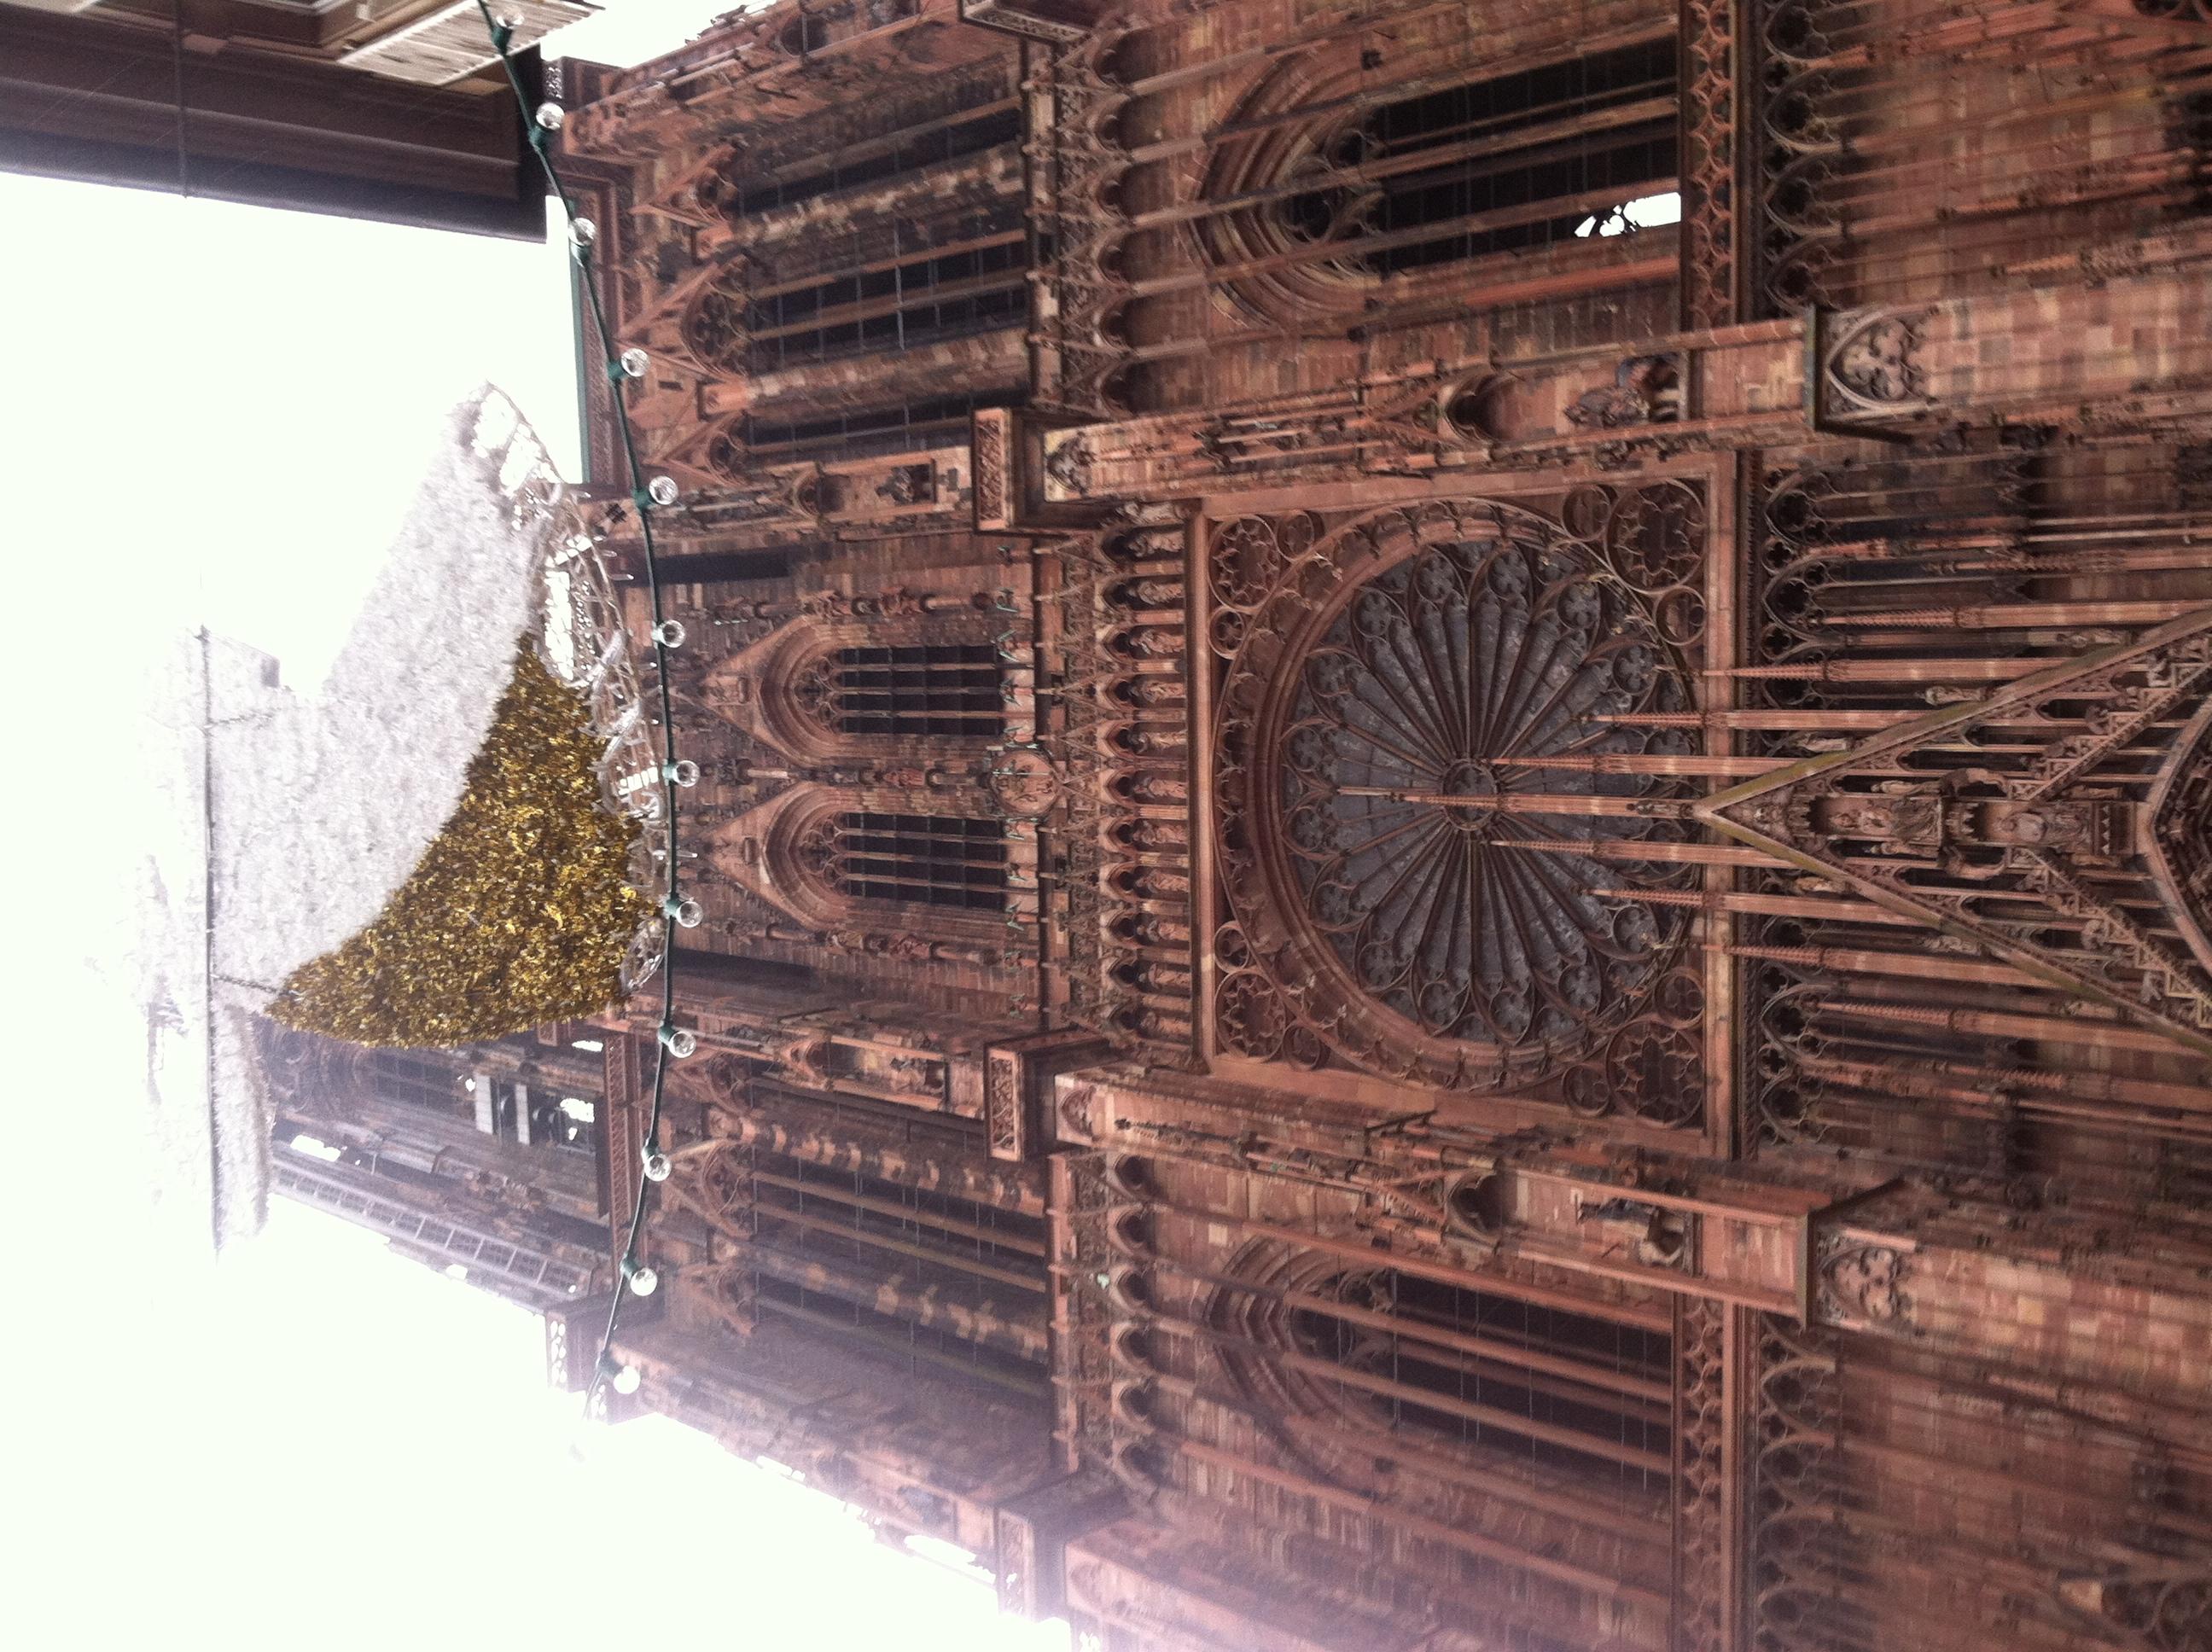 Notre dame de strasbourg architecture for non majors for Strasbourg architecture